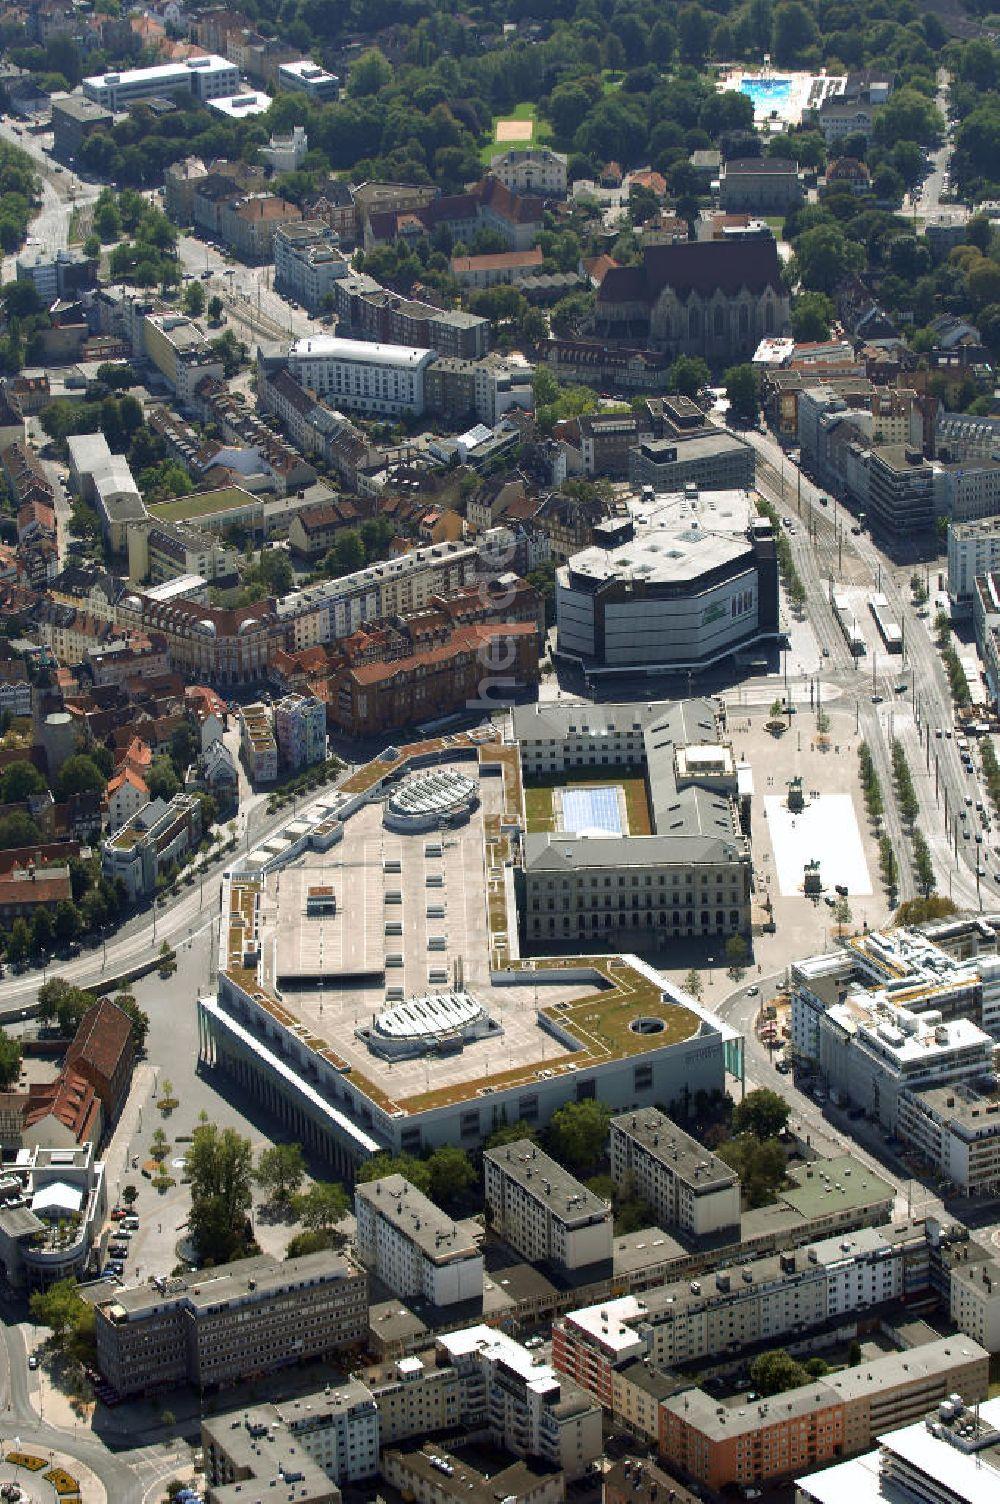 Luftaufnahme Braunschweig Blick Auf Das Magni Viertel In Braunschweig